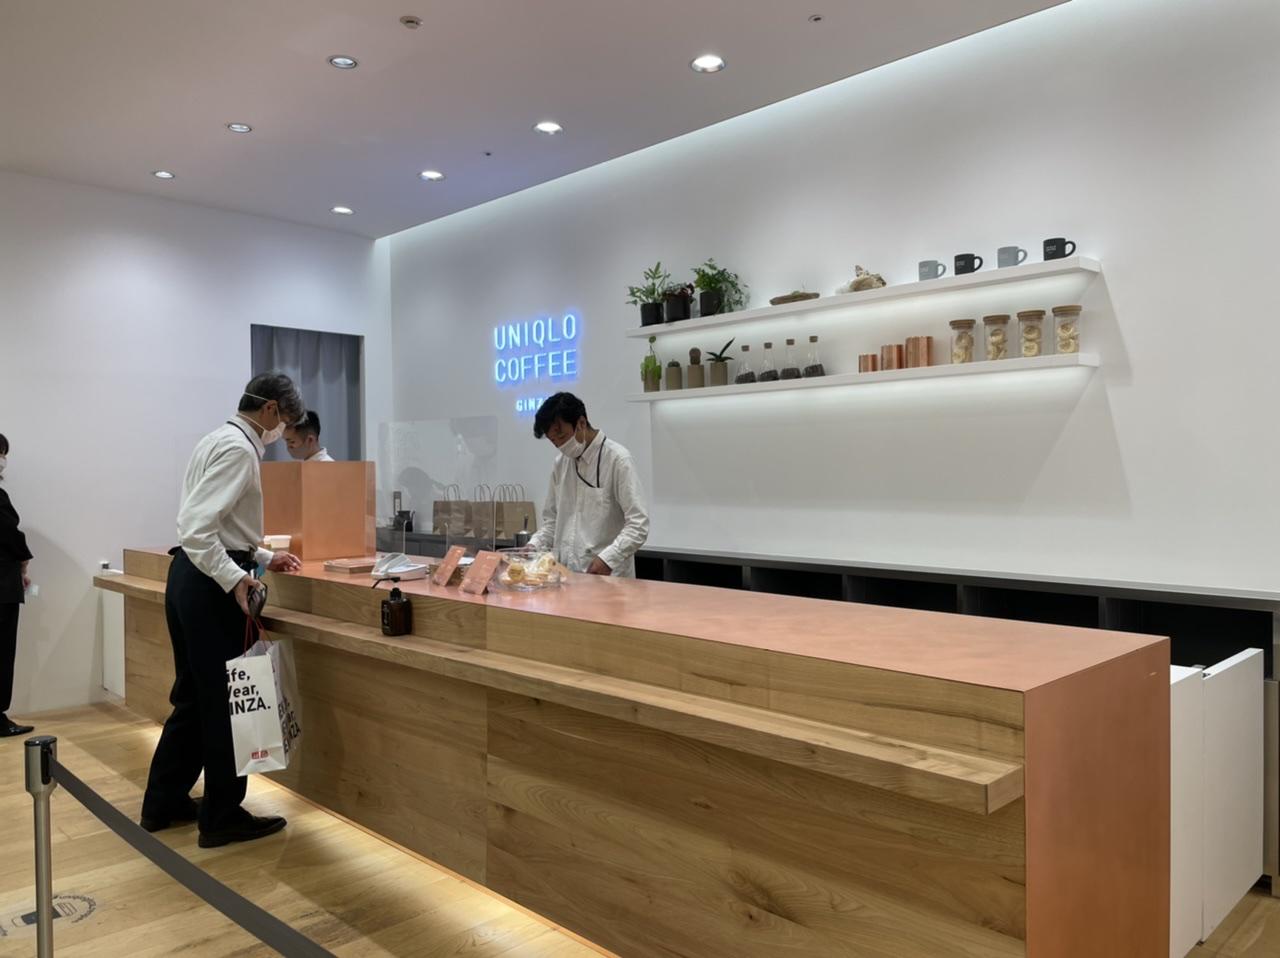 【ユニクロ】銀座のコーヒーブレイクに「ユニクロ」という選択肢を。《UNIQLO COFFEE 》@ユニクロ銀座店_3